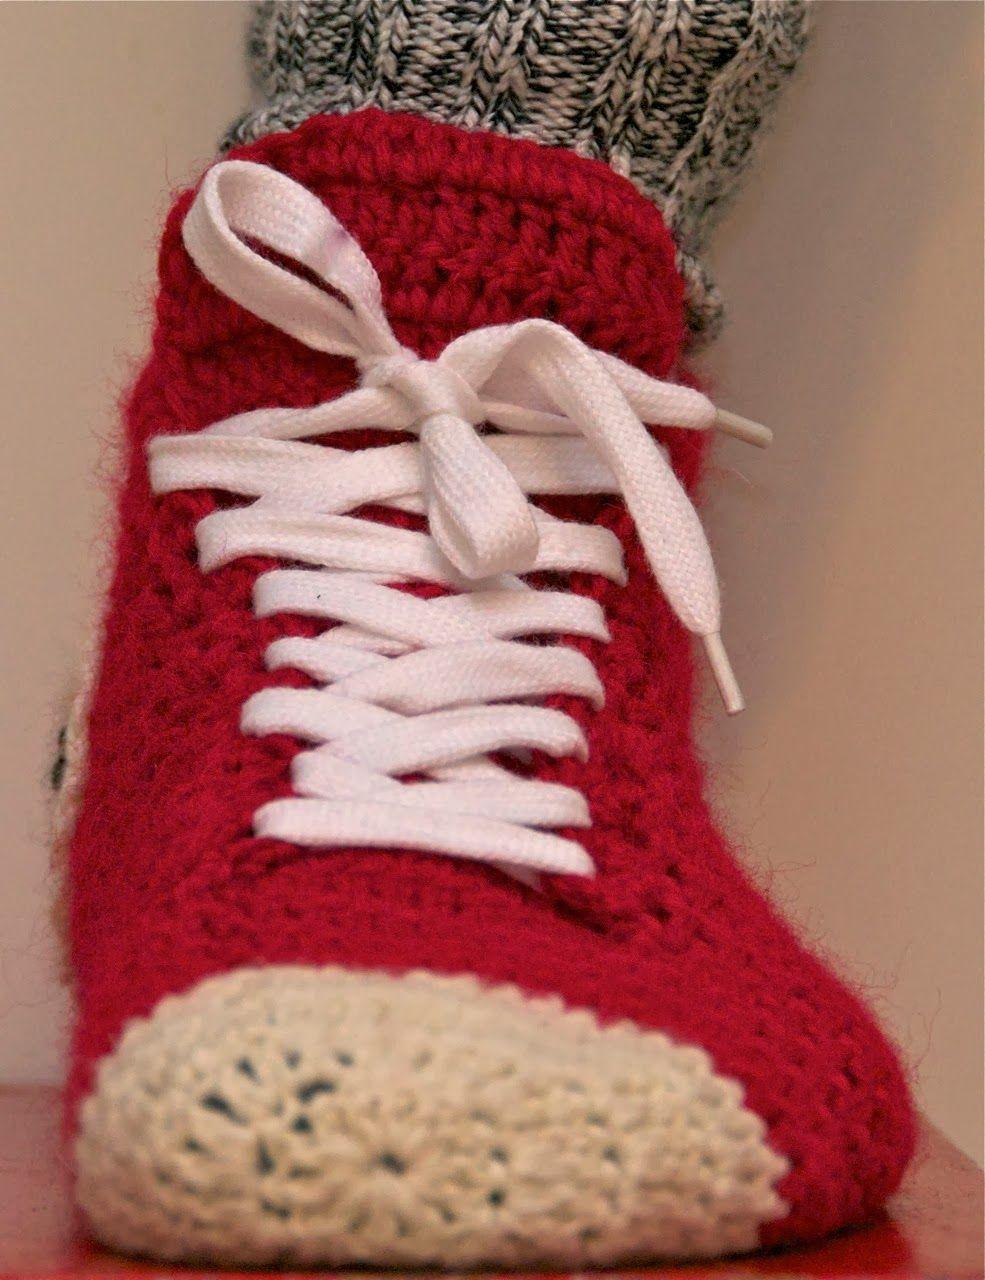 Crochet Converse Slippers Pinterest Converse Slippers Crochet